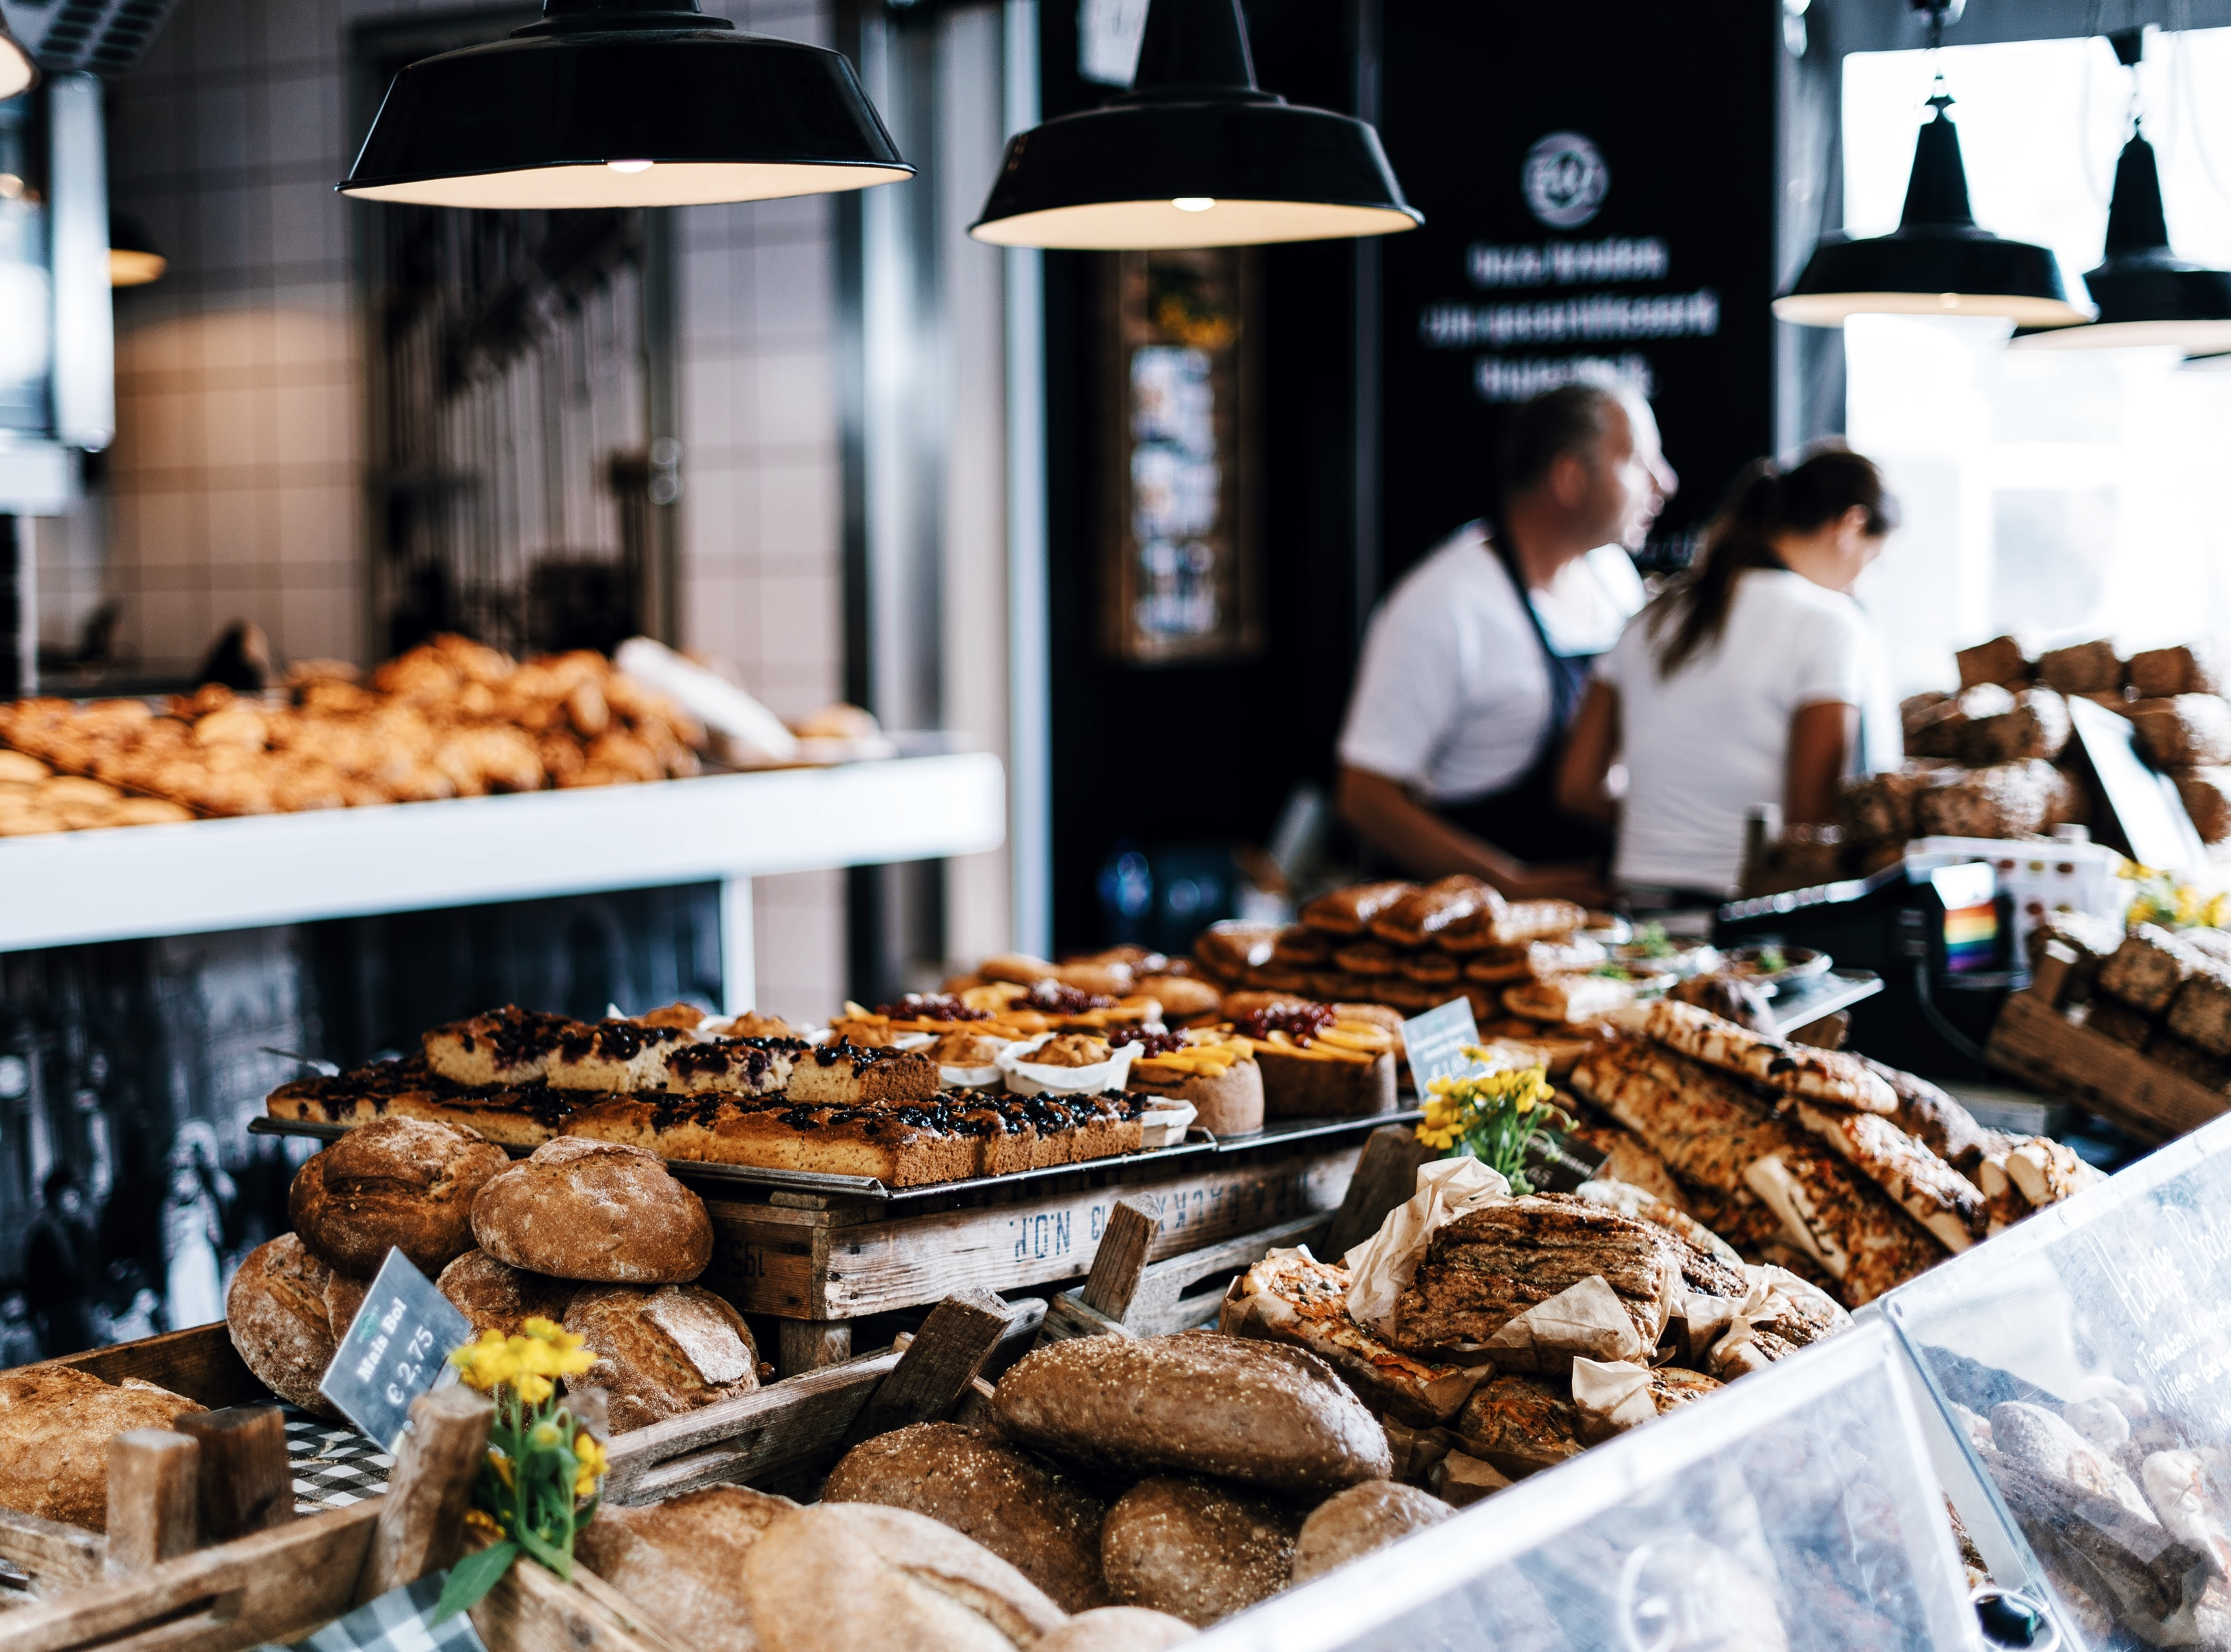 Nebenjob in der Bäckerei